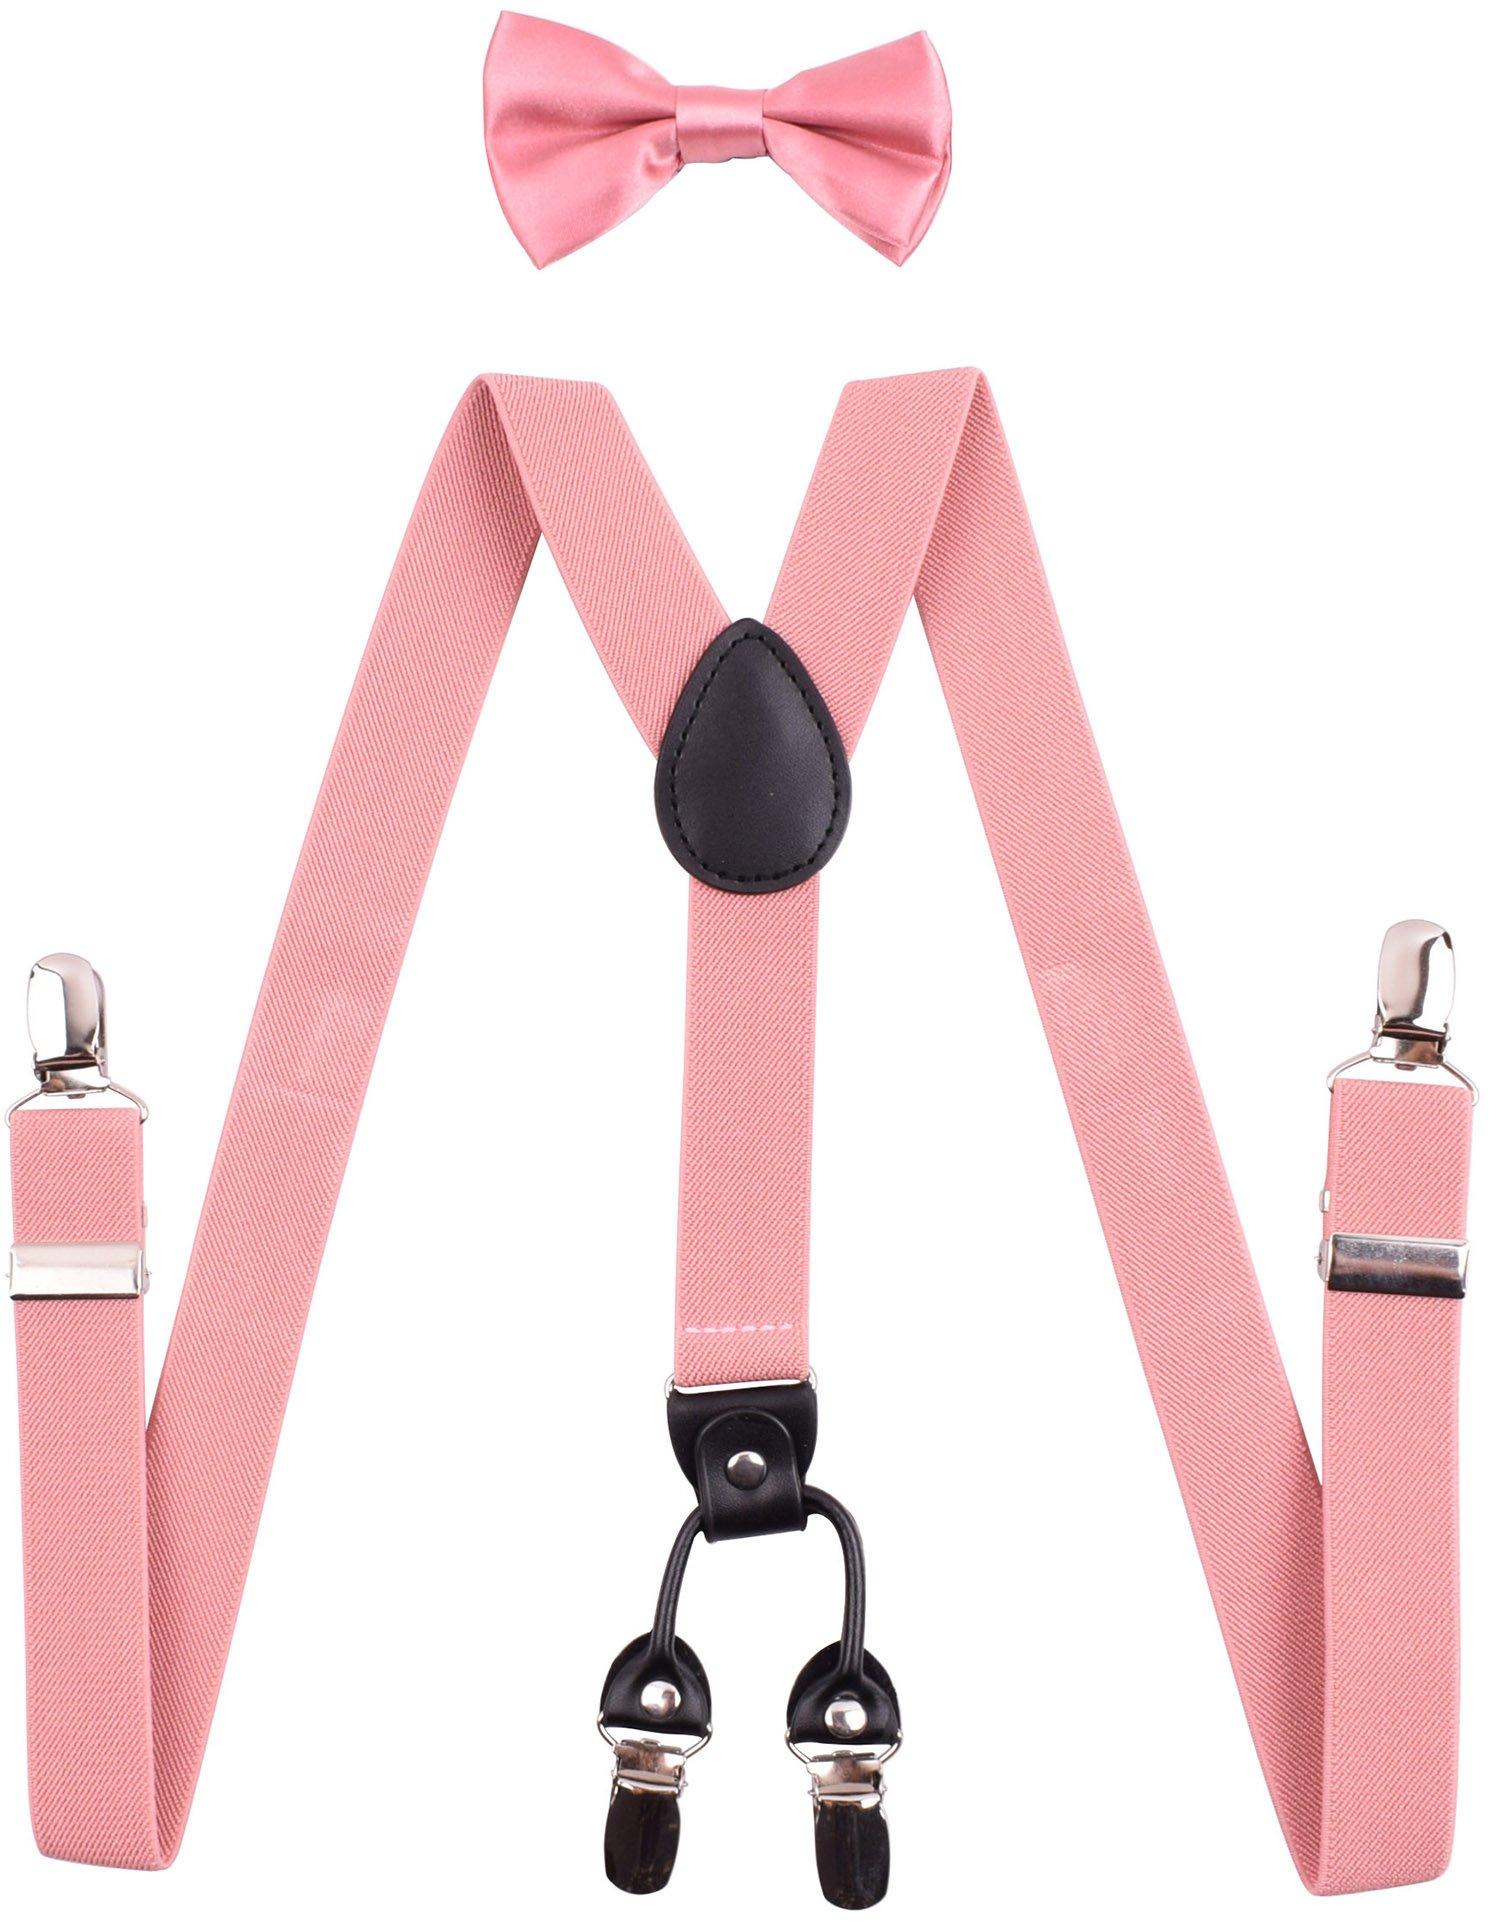 YJDS Boys' Suspenders and Bow Tie Set Adjustable Y Back Coral